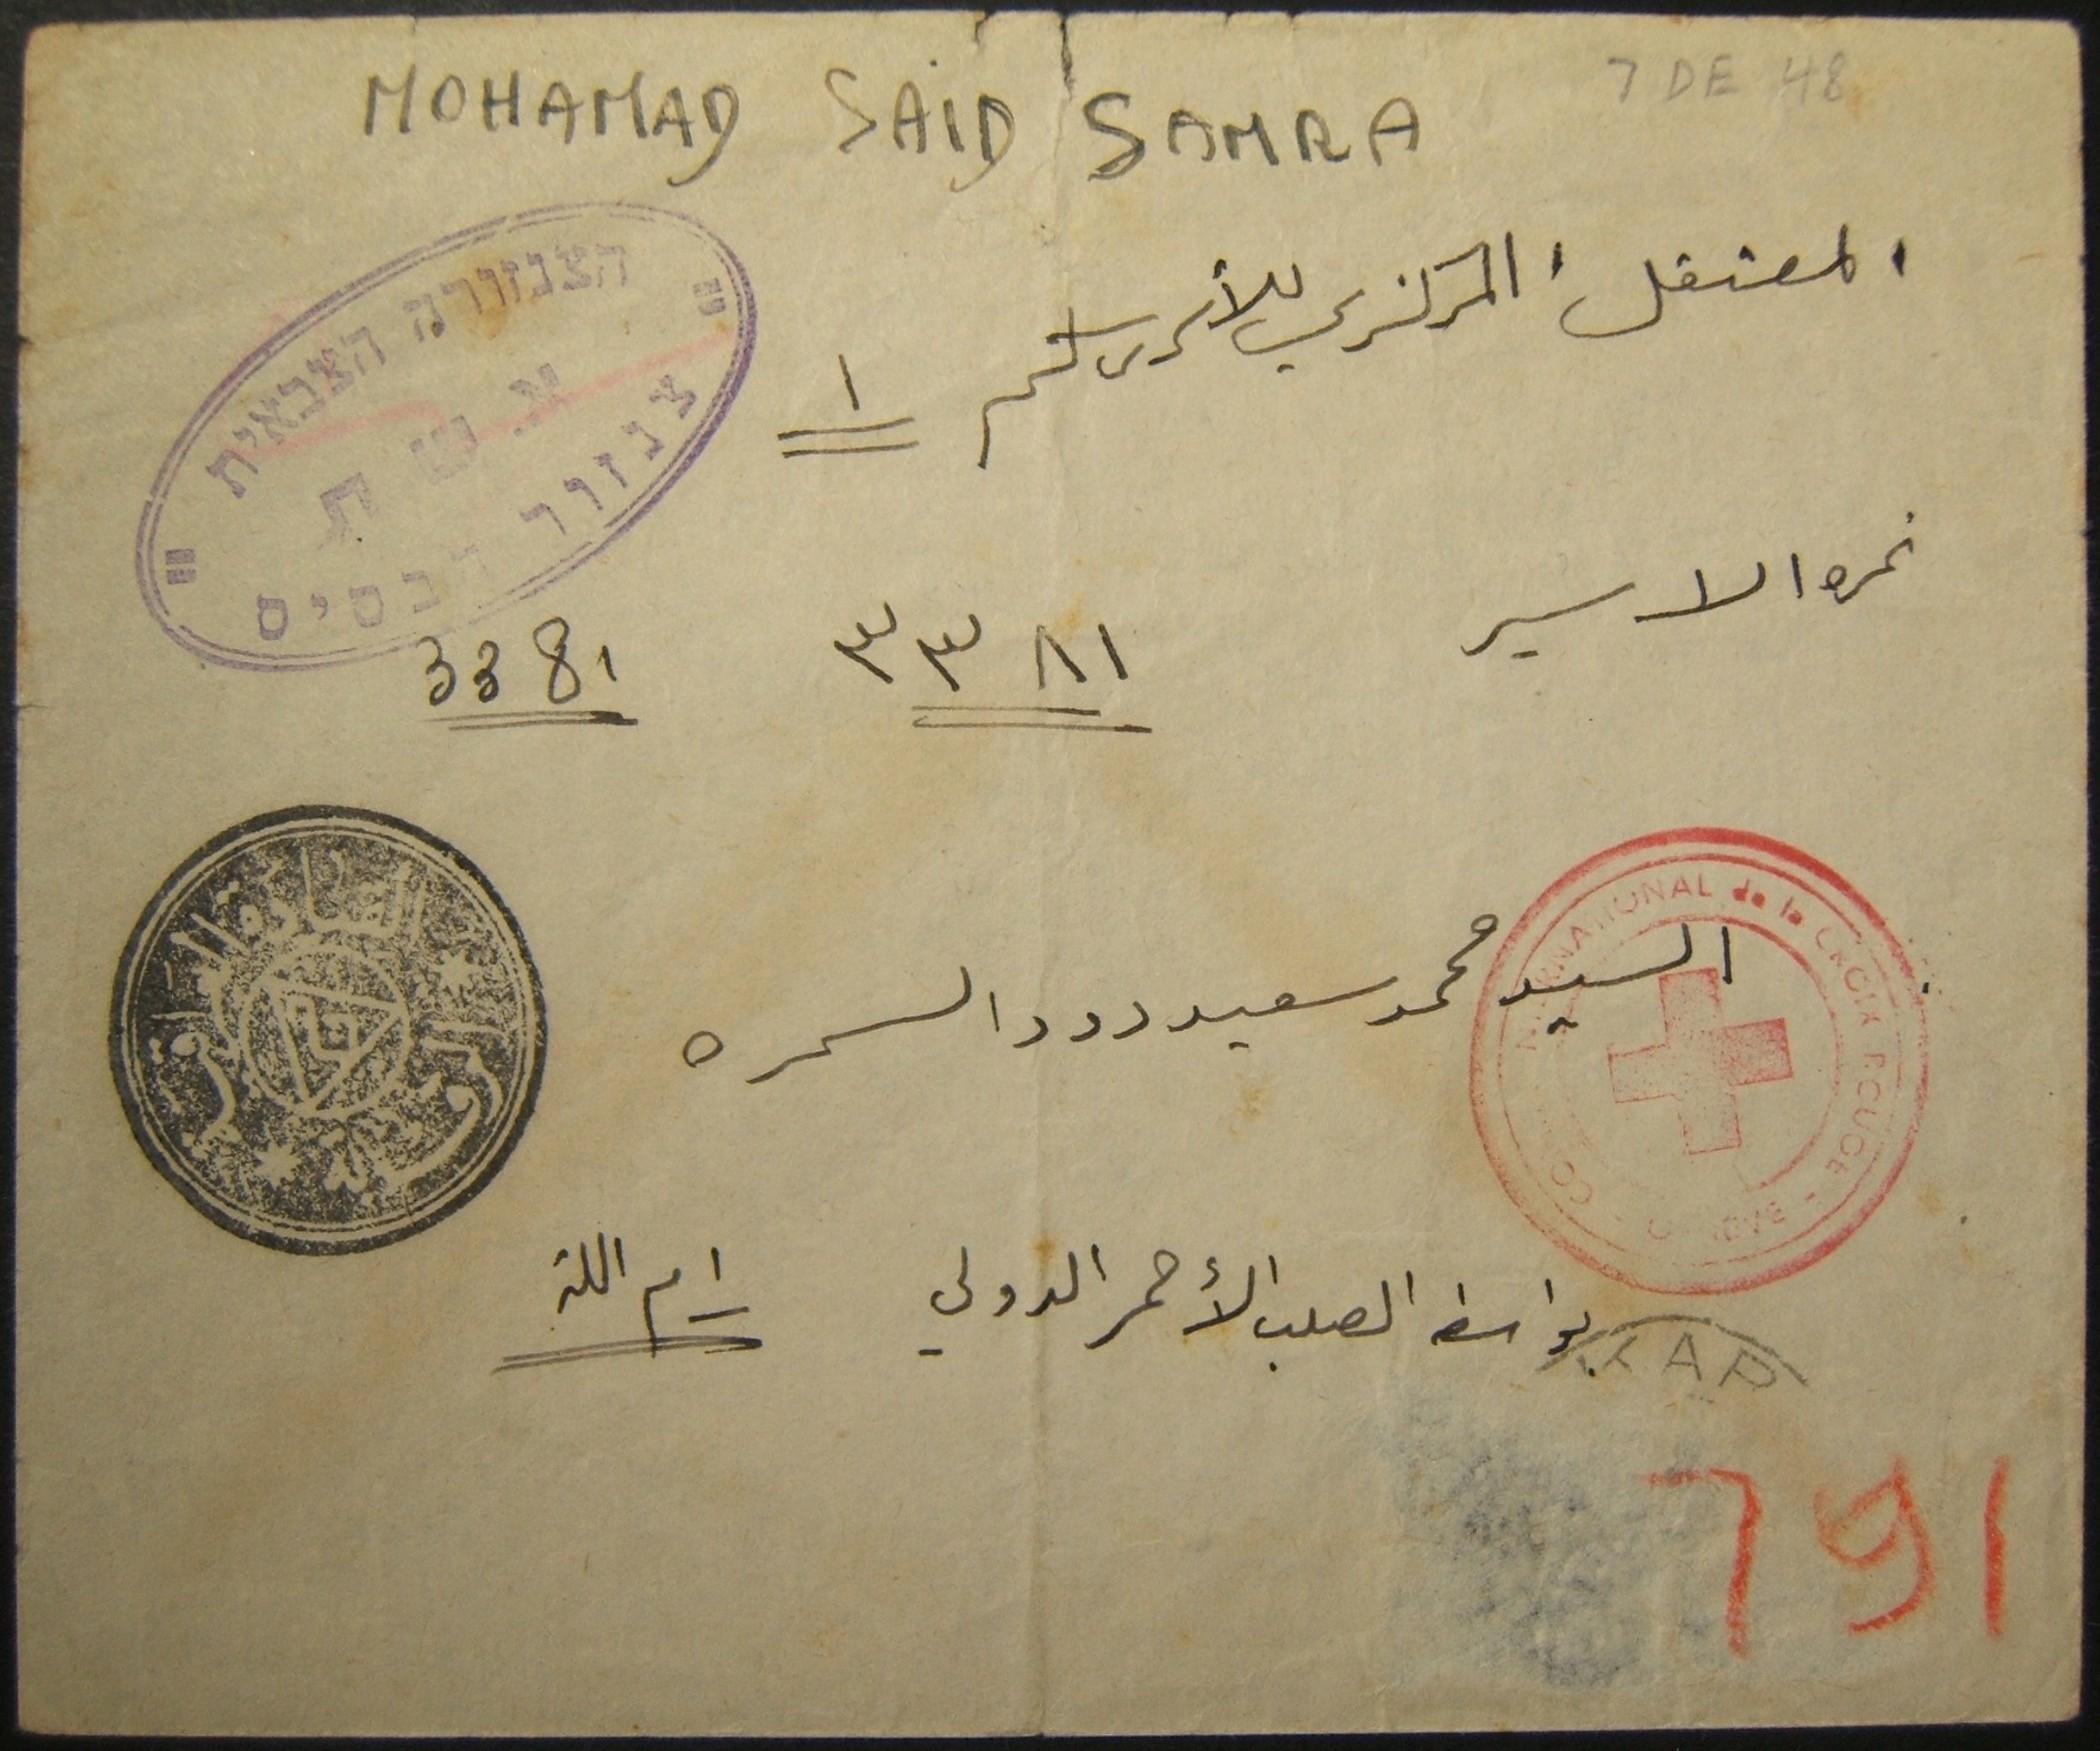 1948 מלחמה מצונזרת לשבוי ערבי מטול כרם דרך הצלב האדום ברמאללה וג'נבה